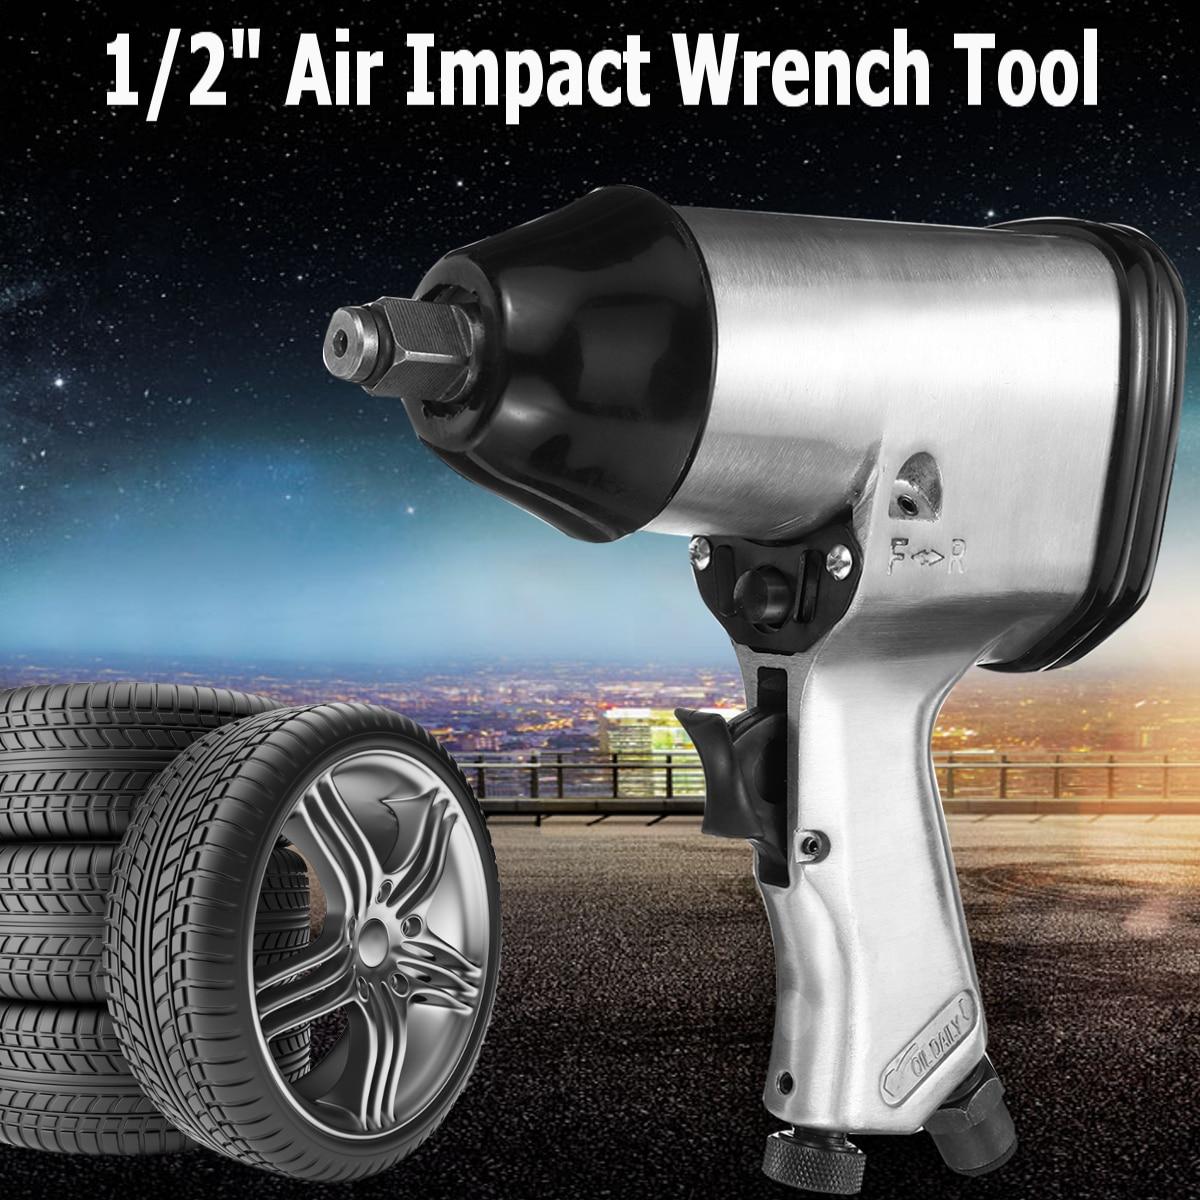 1/2 привод сверхмощный Пневматический воздушный ударный гаечный ключ инструмент для автомобиля колеса ремонт литой алюминий высокий крутя...